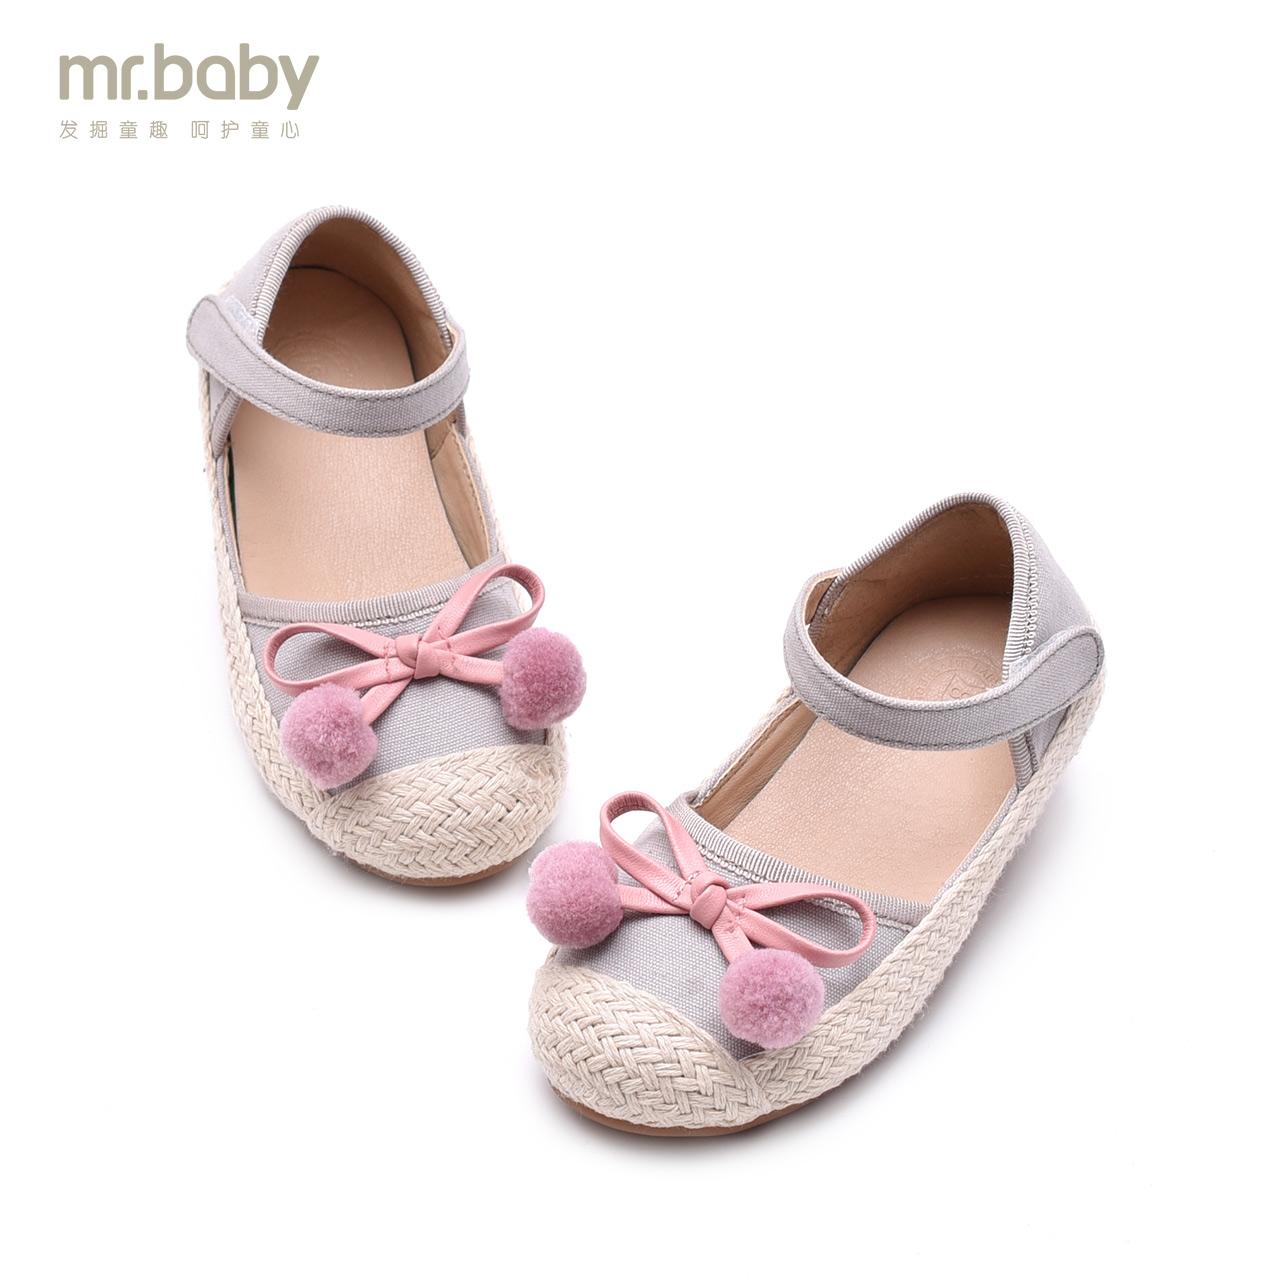 Mr.baby оригинал обувь 2018 новая весна статья цвет hit милый маленький hairball бант холст полый обувной